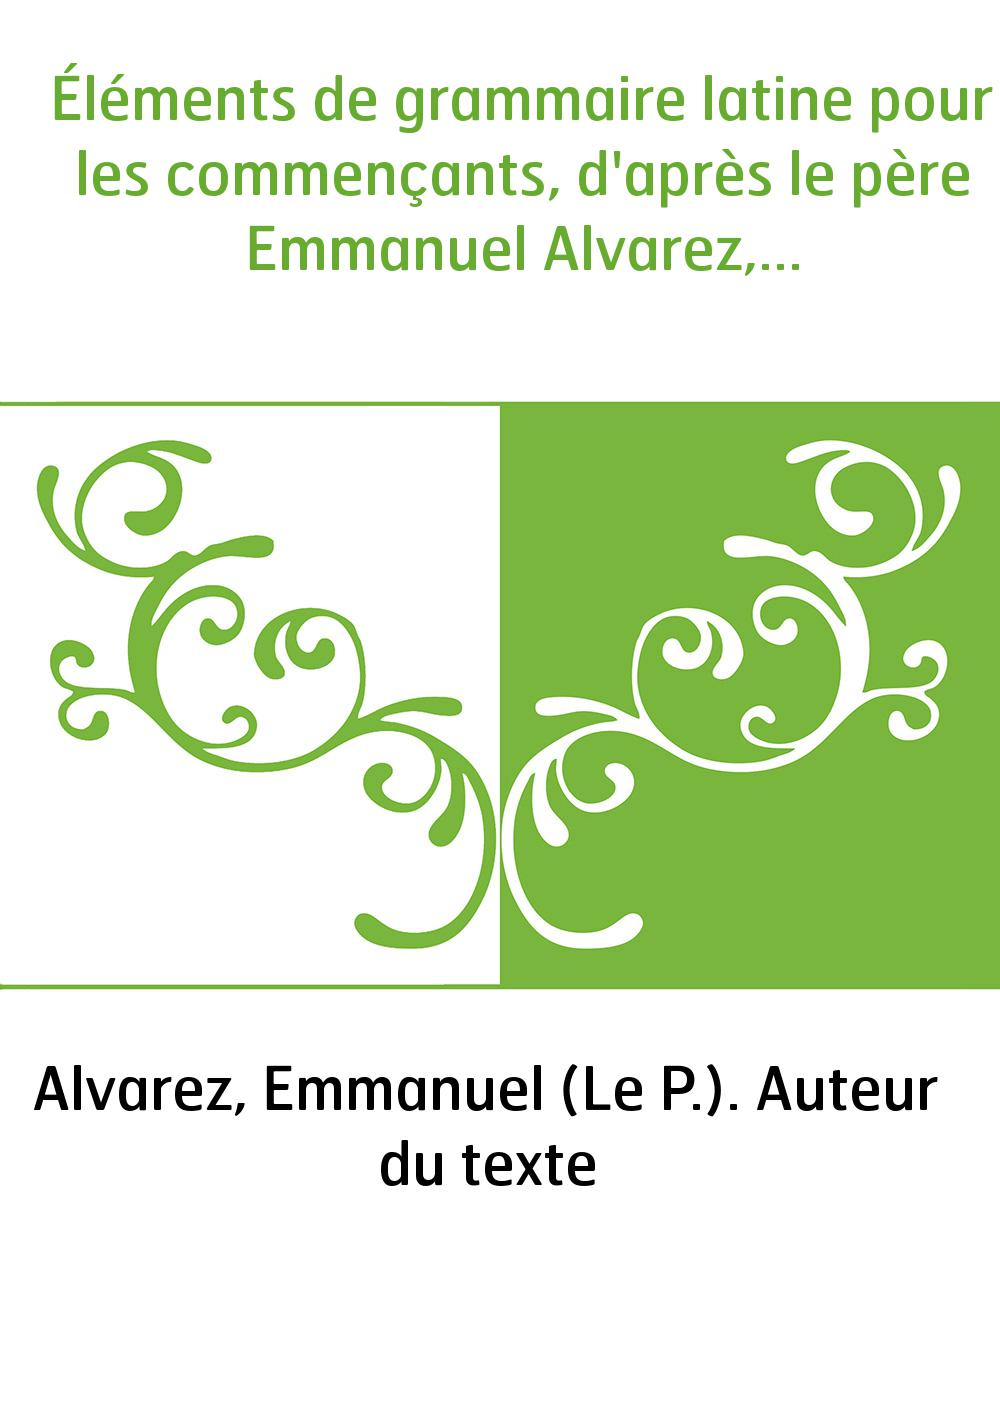 Éléments de grammaire latine pour les commençants, d'après le père Emmanuel Alvarez,...